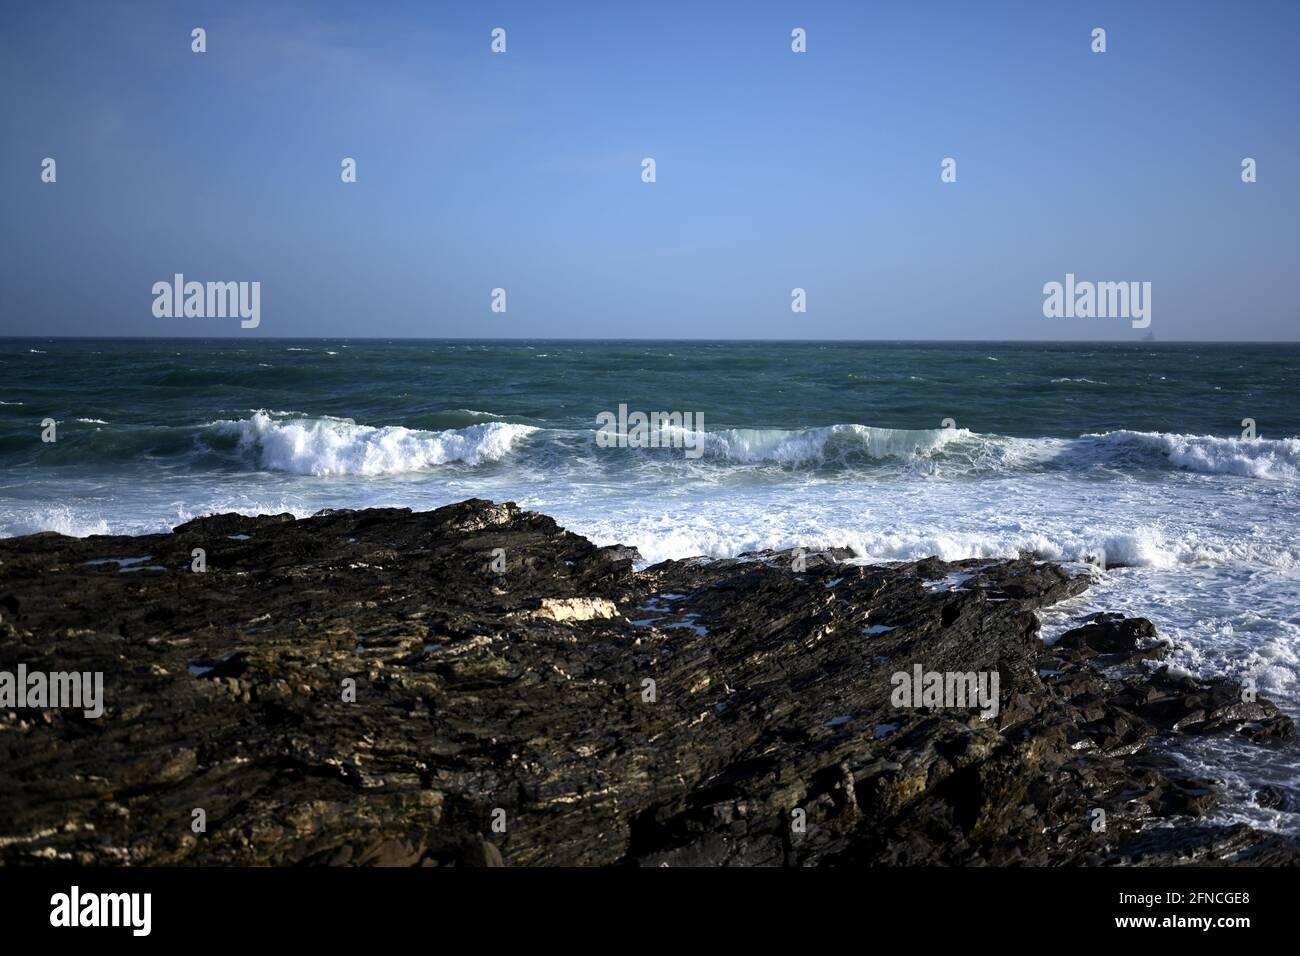 Splendido mare con costa rocciosa e onde che si infrangono sulle rocce, concetto di costa rocciosa e frastagliata Foto Stock